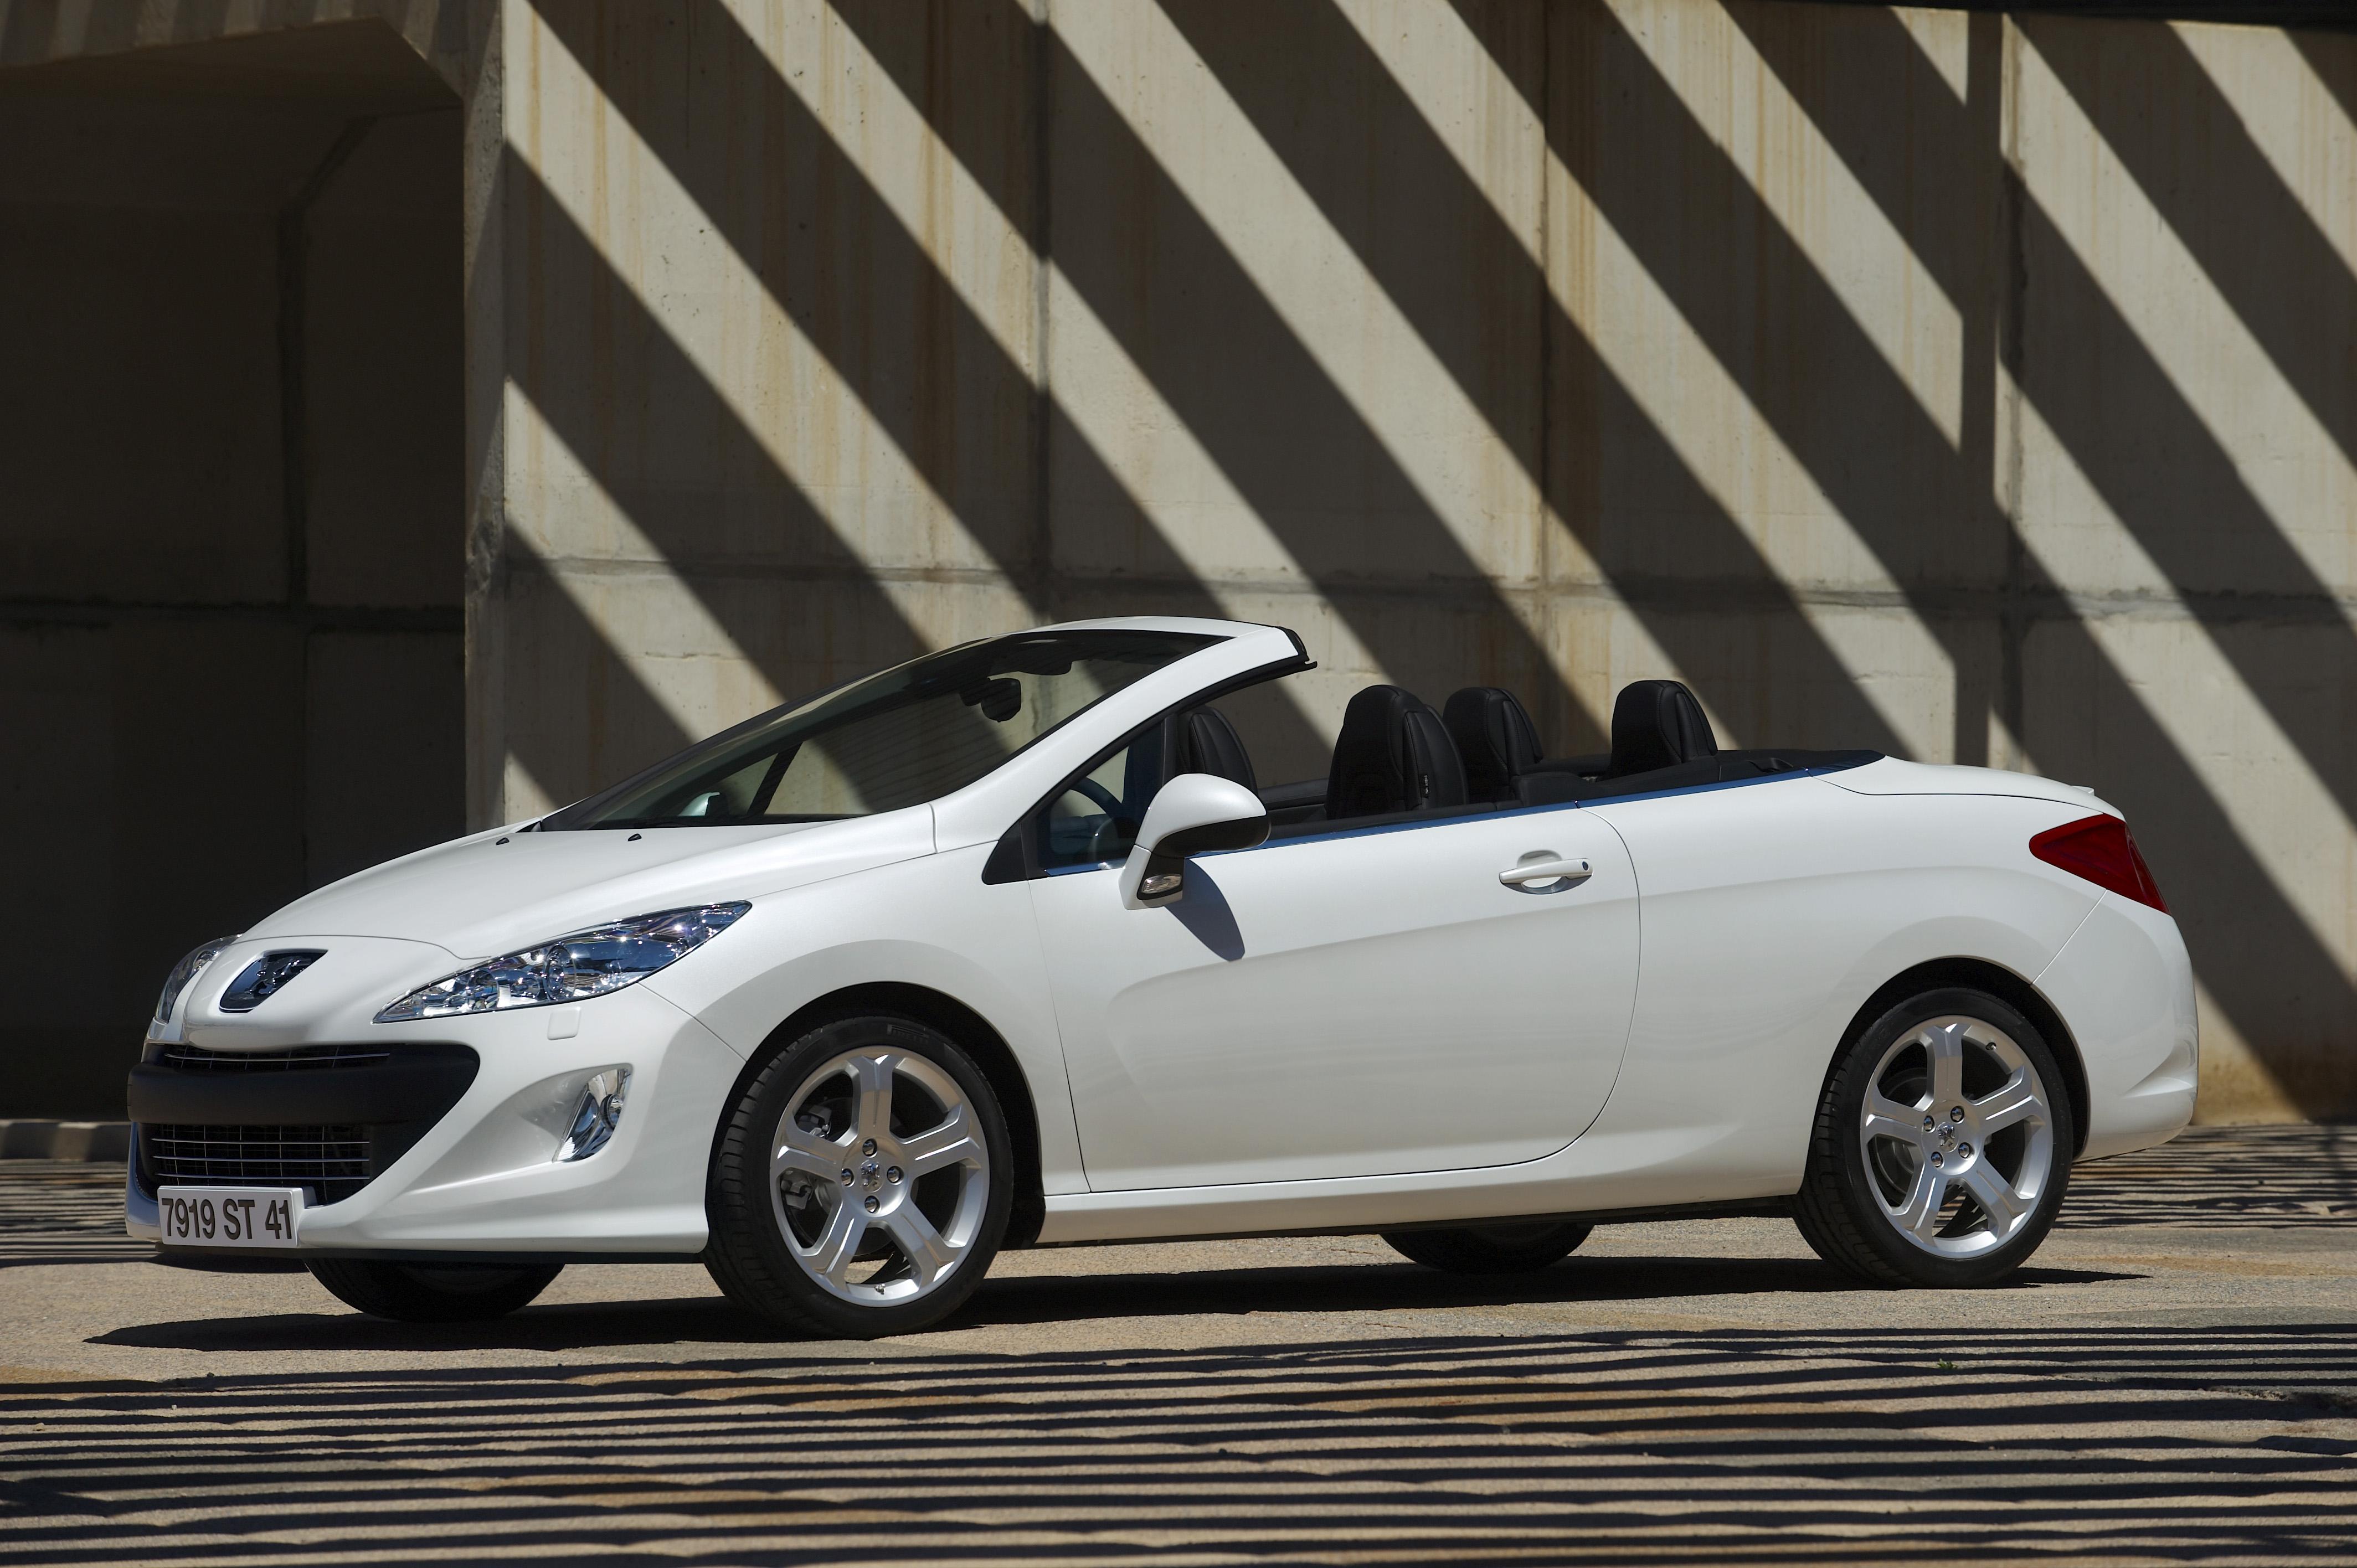 cc硬顶敞篷版 标致发布新款全天候型308cc cabri 高清图片